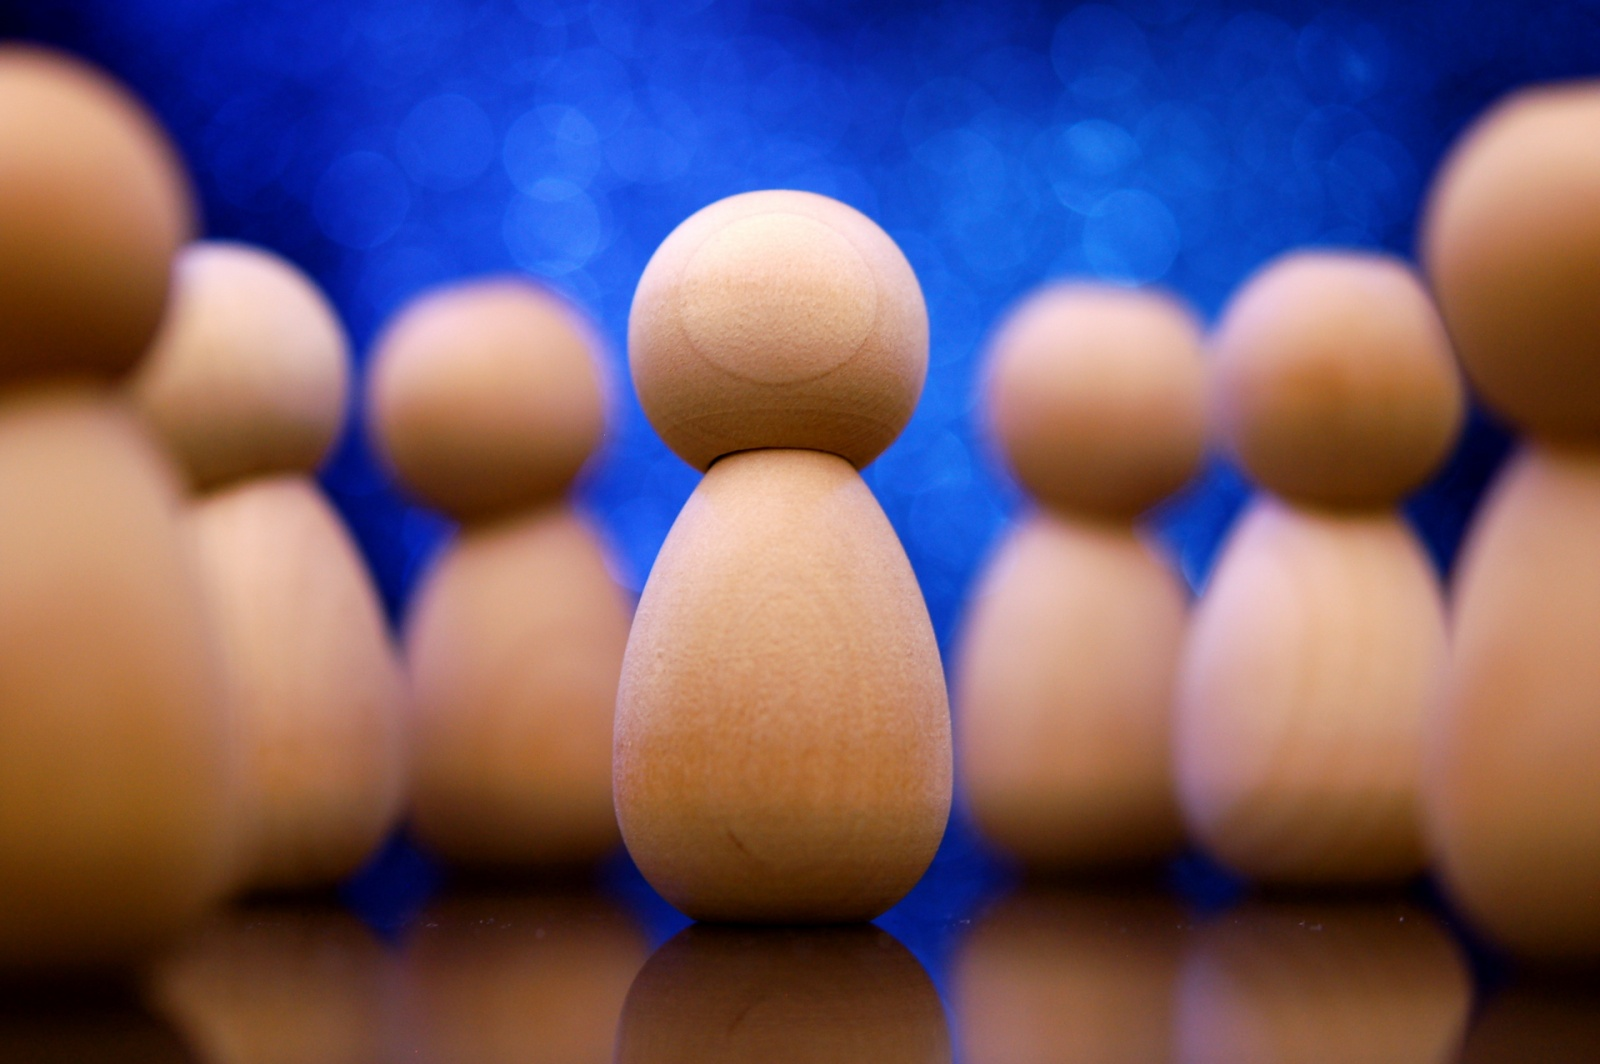 Триггерные рассылки: как увеличить конверсию - 1